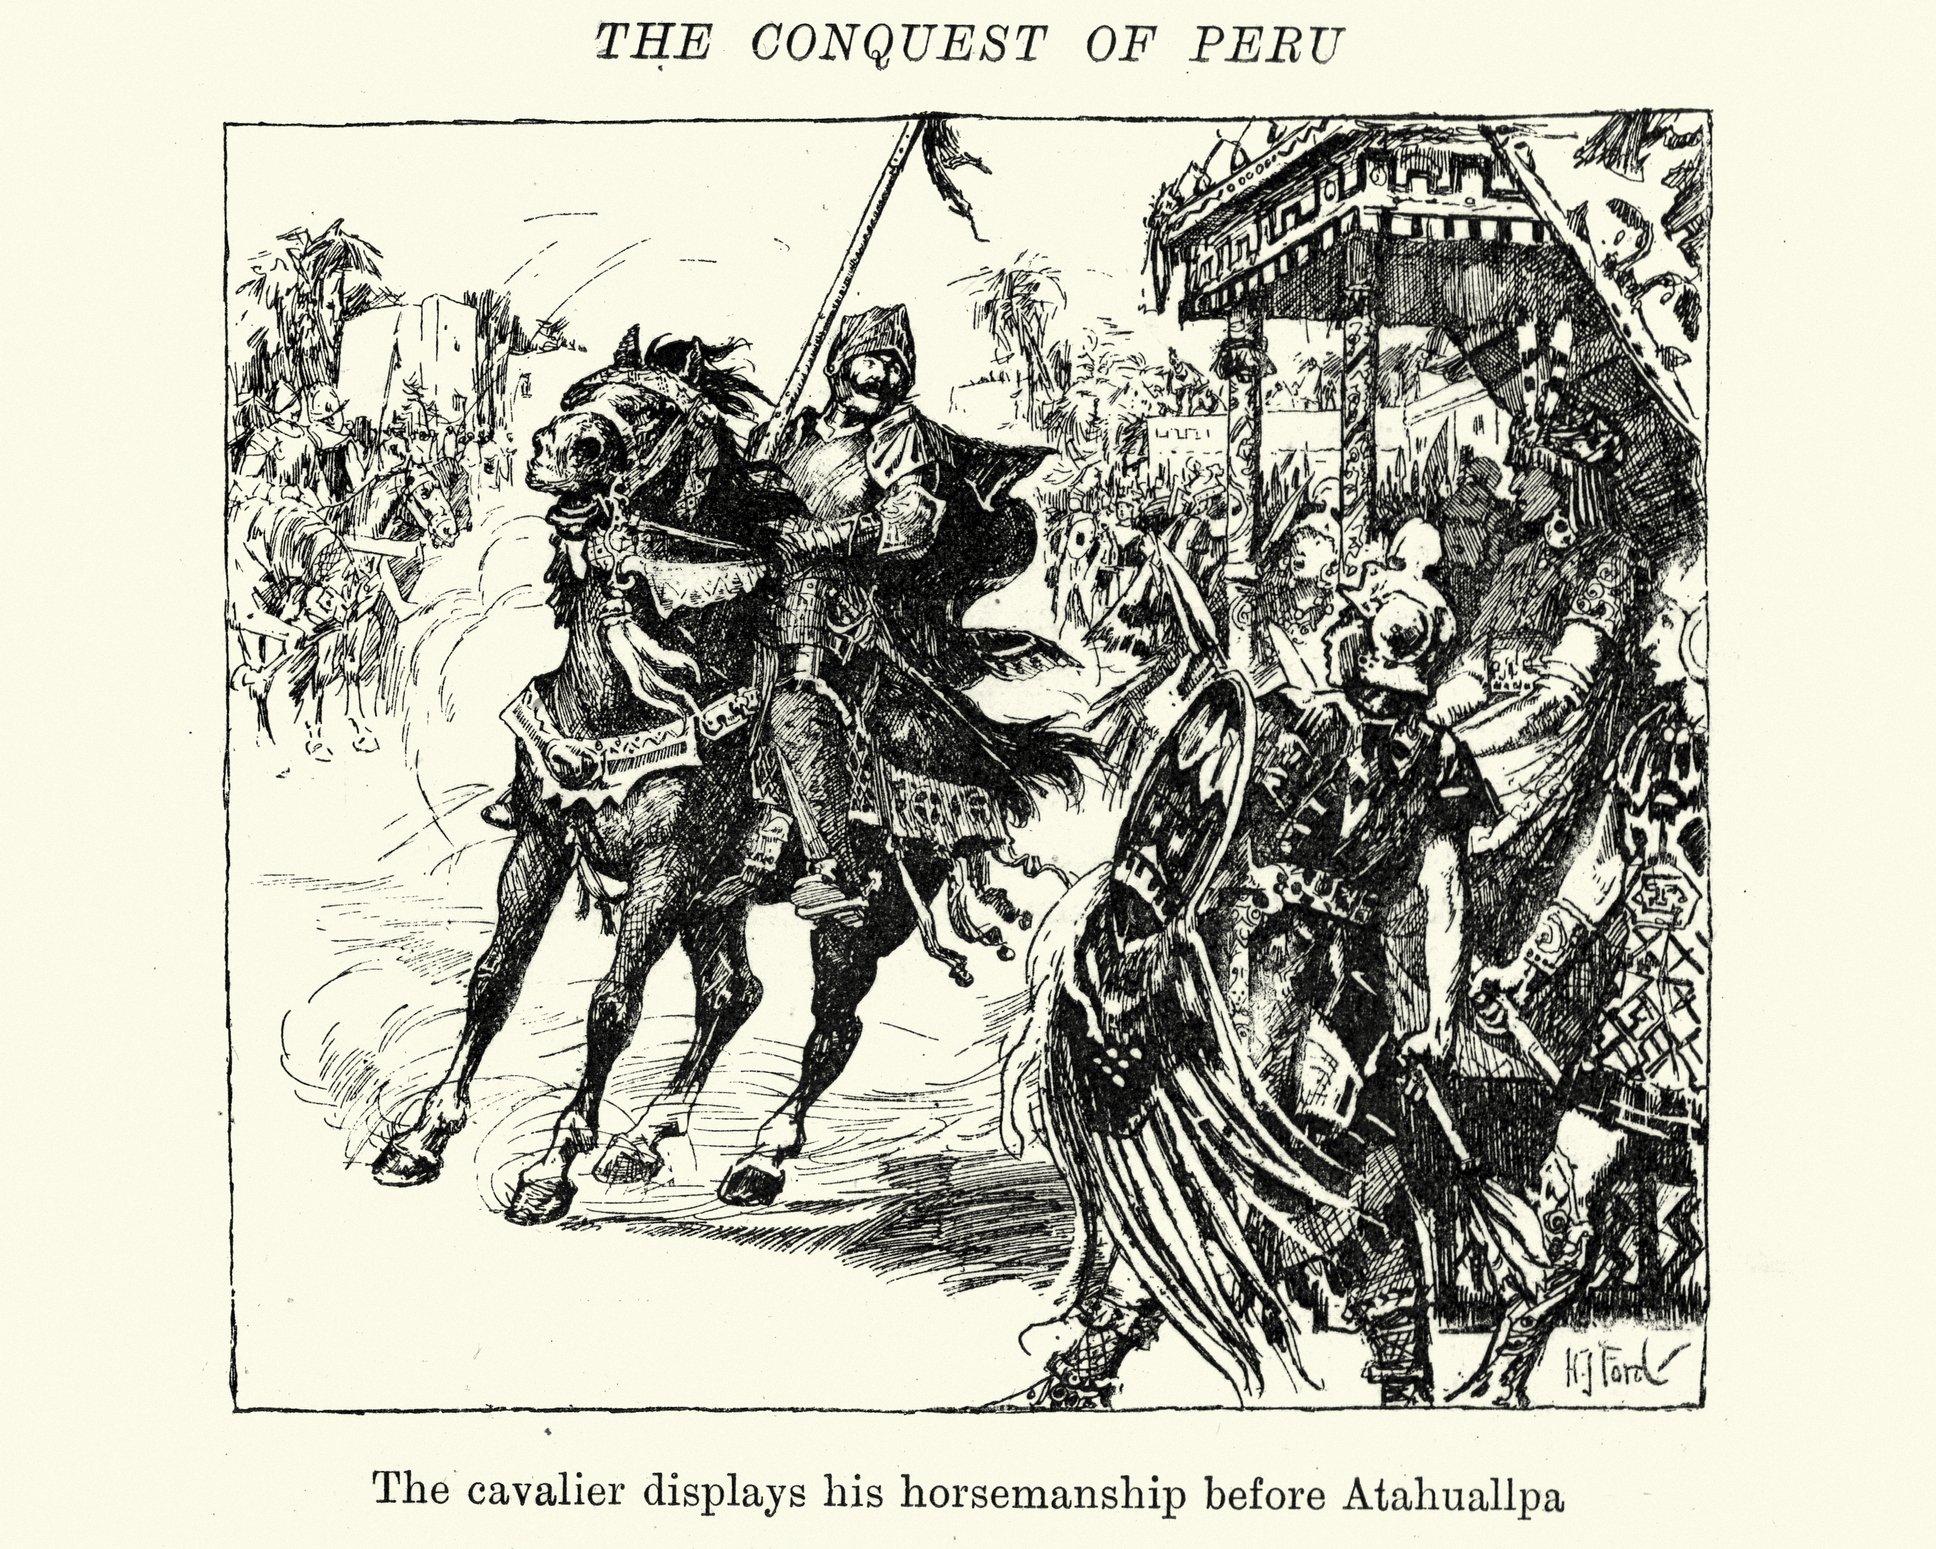 Ilustración de un conquistador en caballo frente a Atahualpa